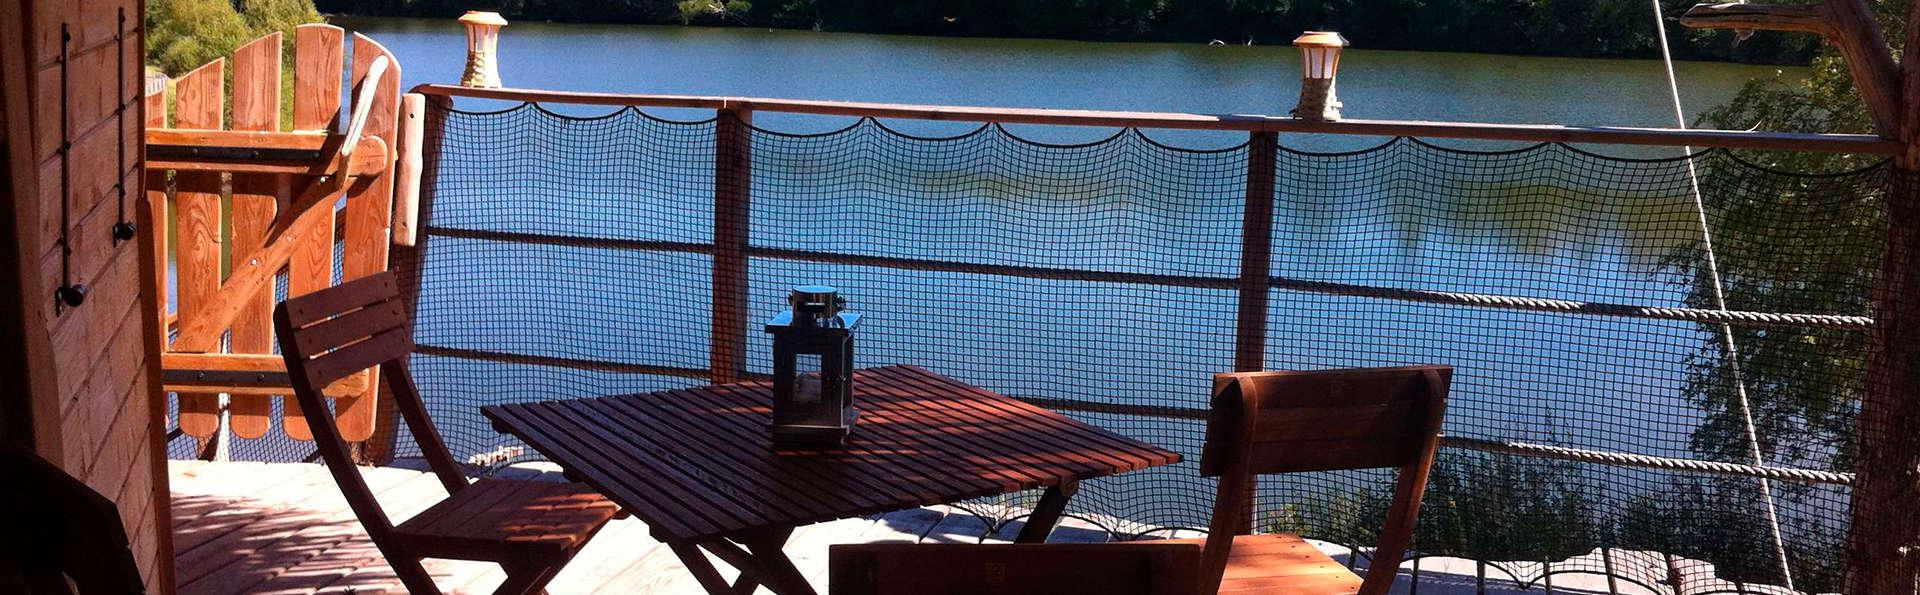 Séjour insolite dans une cabane perchée au bord d'un lac en Corrèze